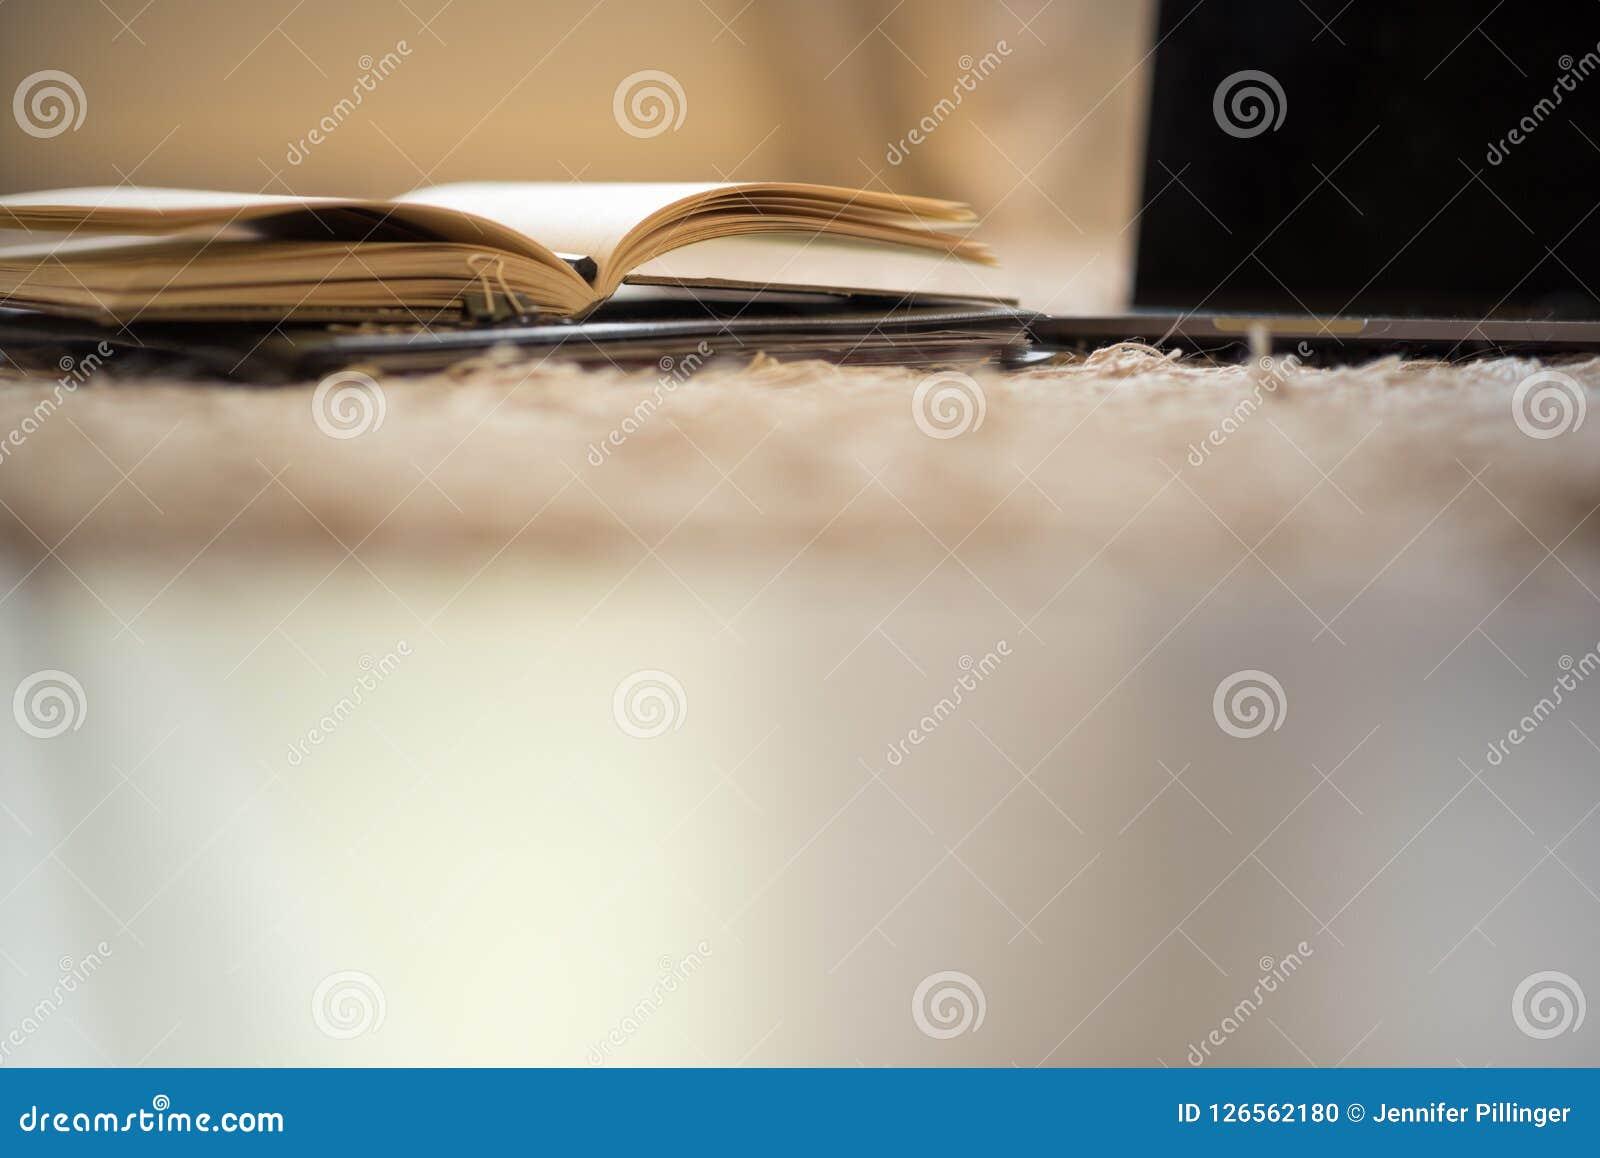 Una vista astratta di basso angolo delle pagine di un giornale aperto dopo